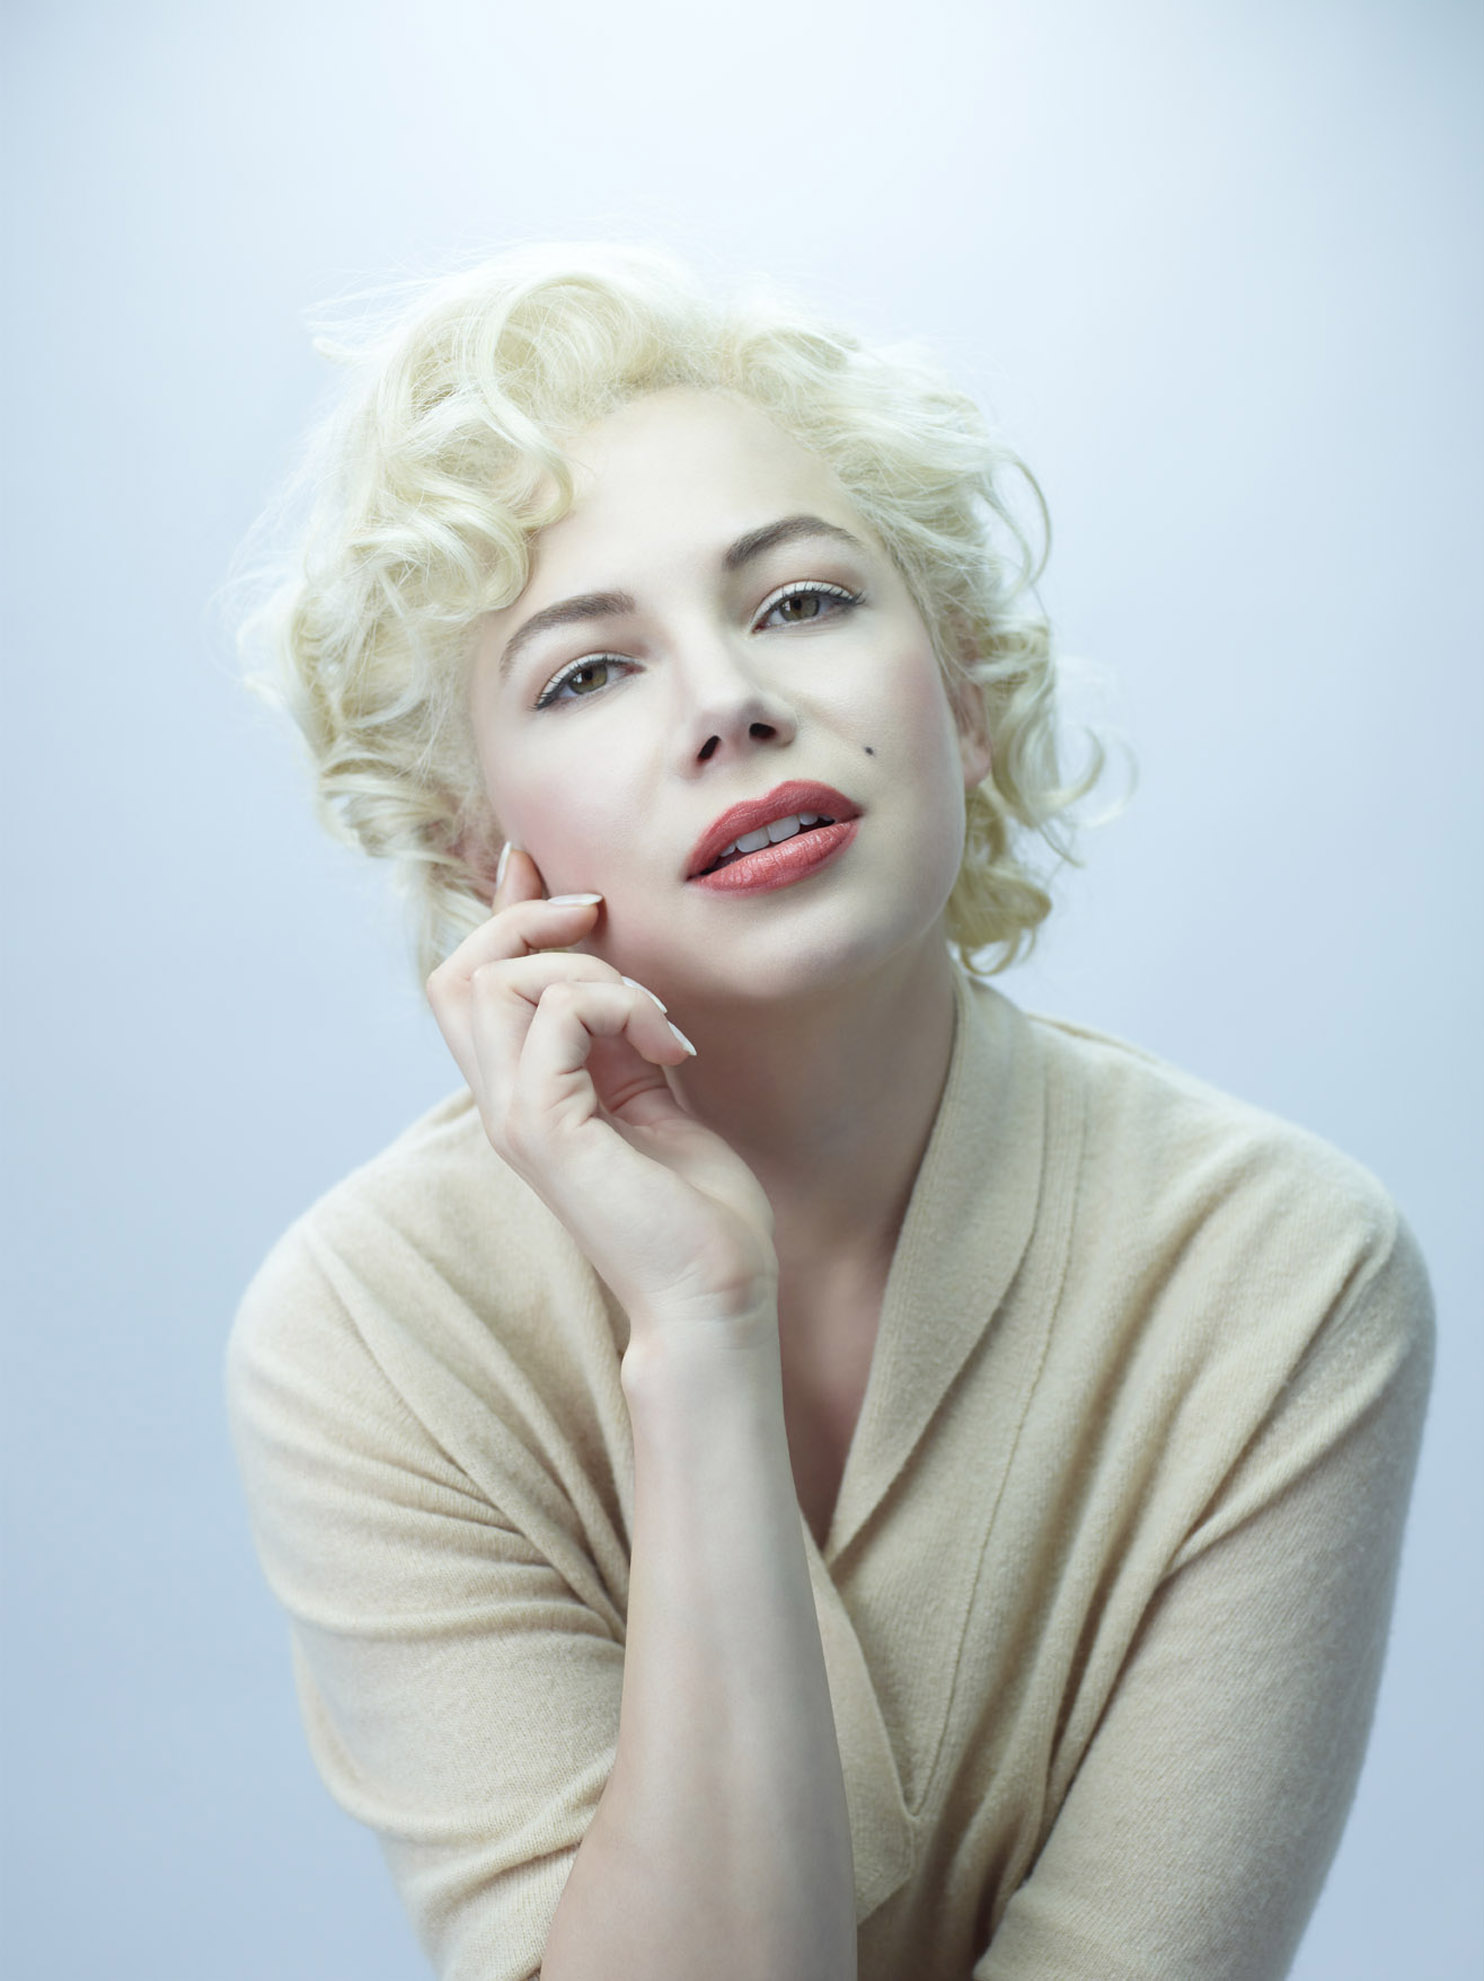 Mój tydzień z Marilyn (źródło: materiał prasowy organizatora)